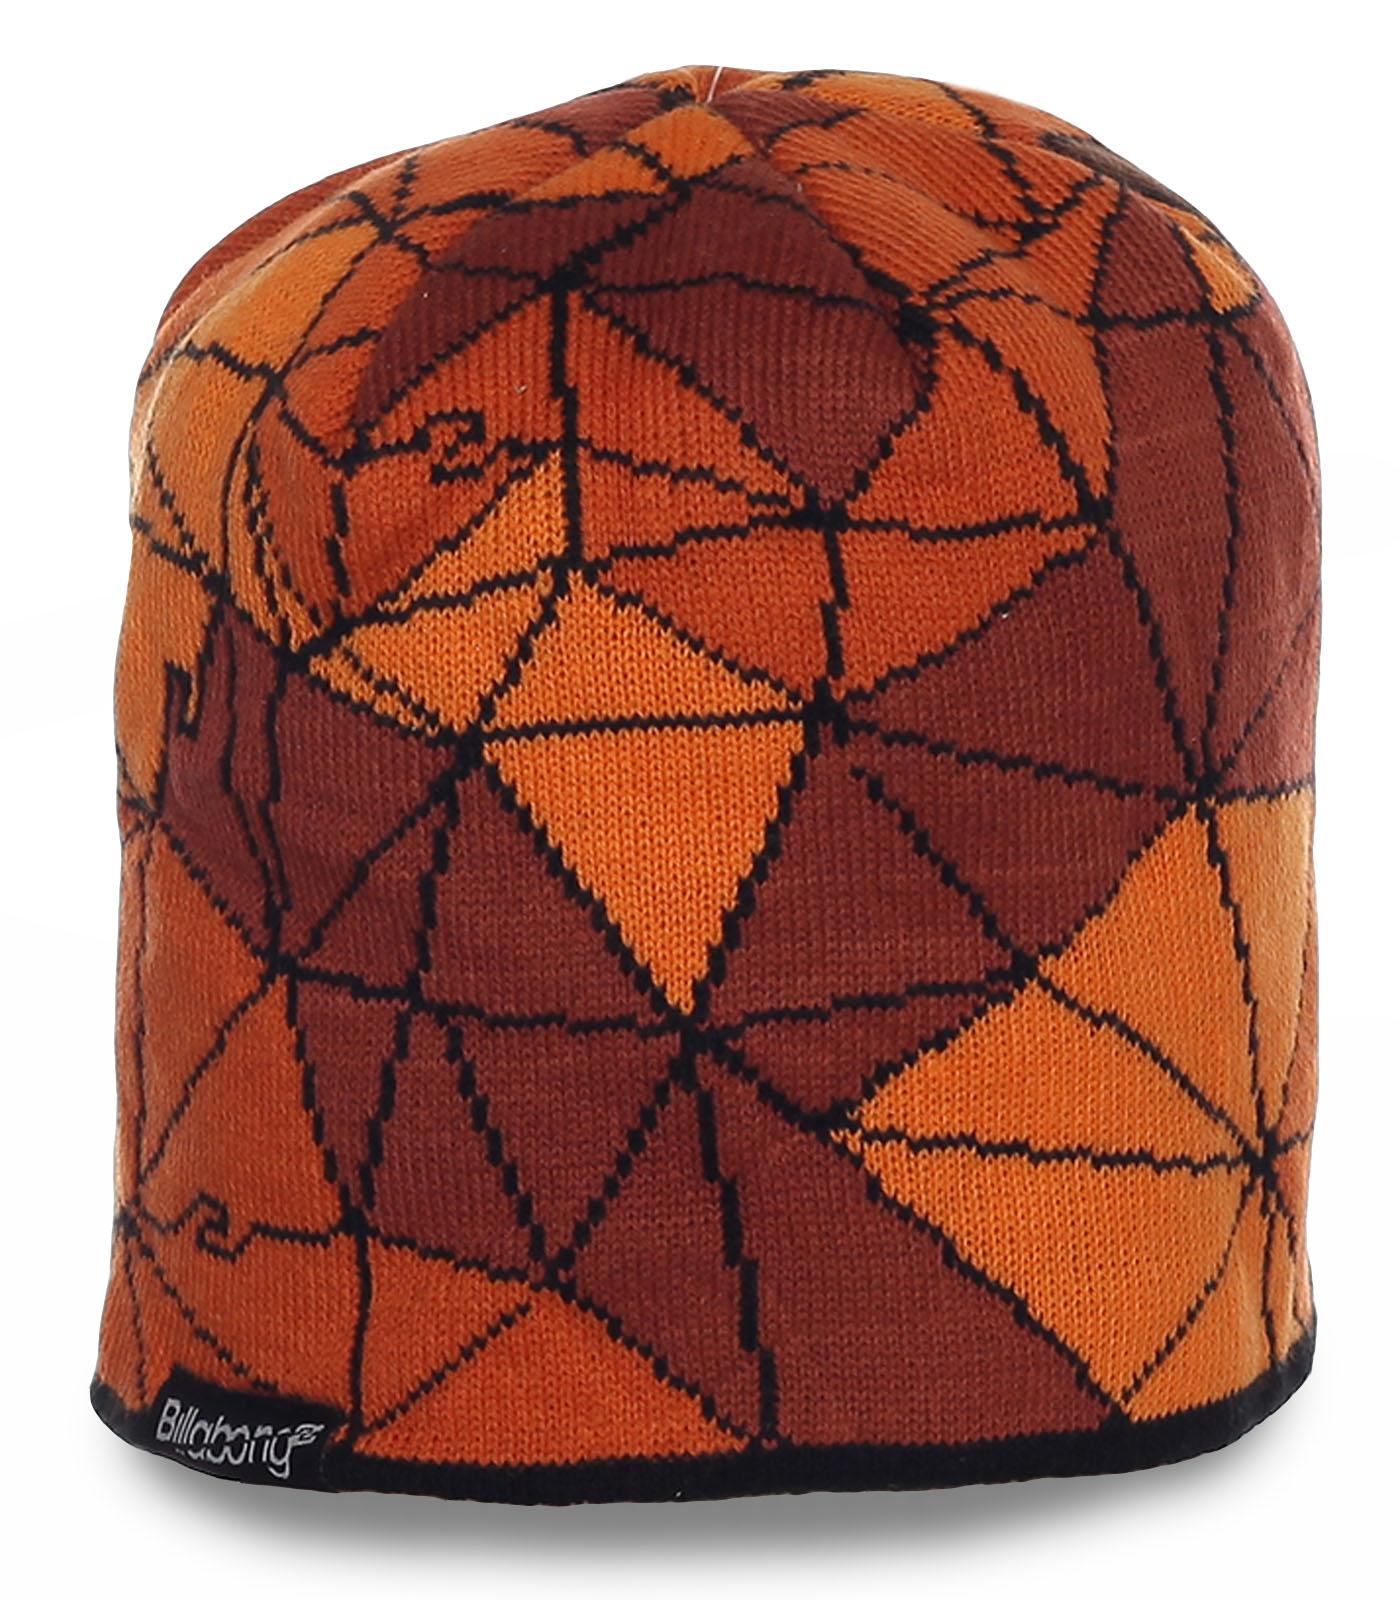 Качественная пестрой расцветки шапка бренда Billabong супер модная модель